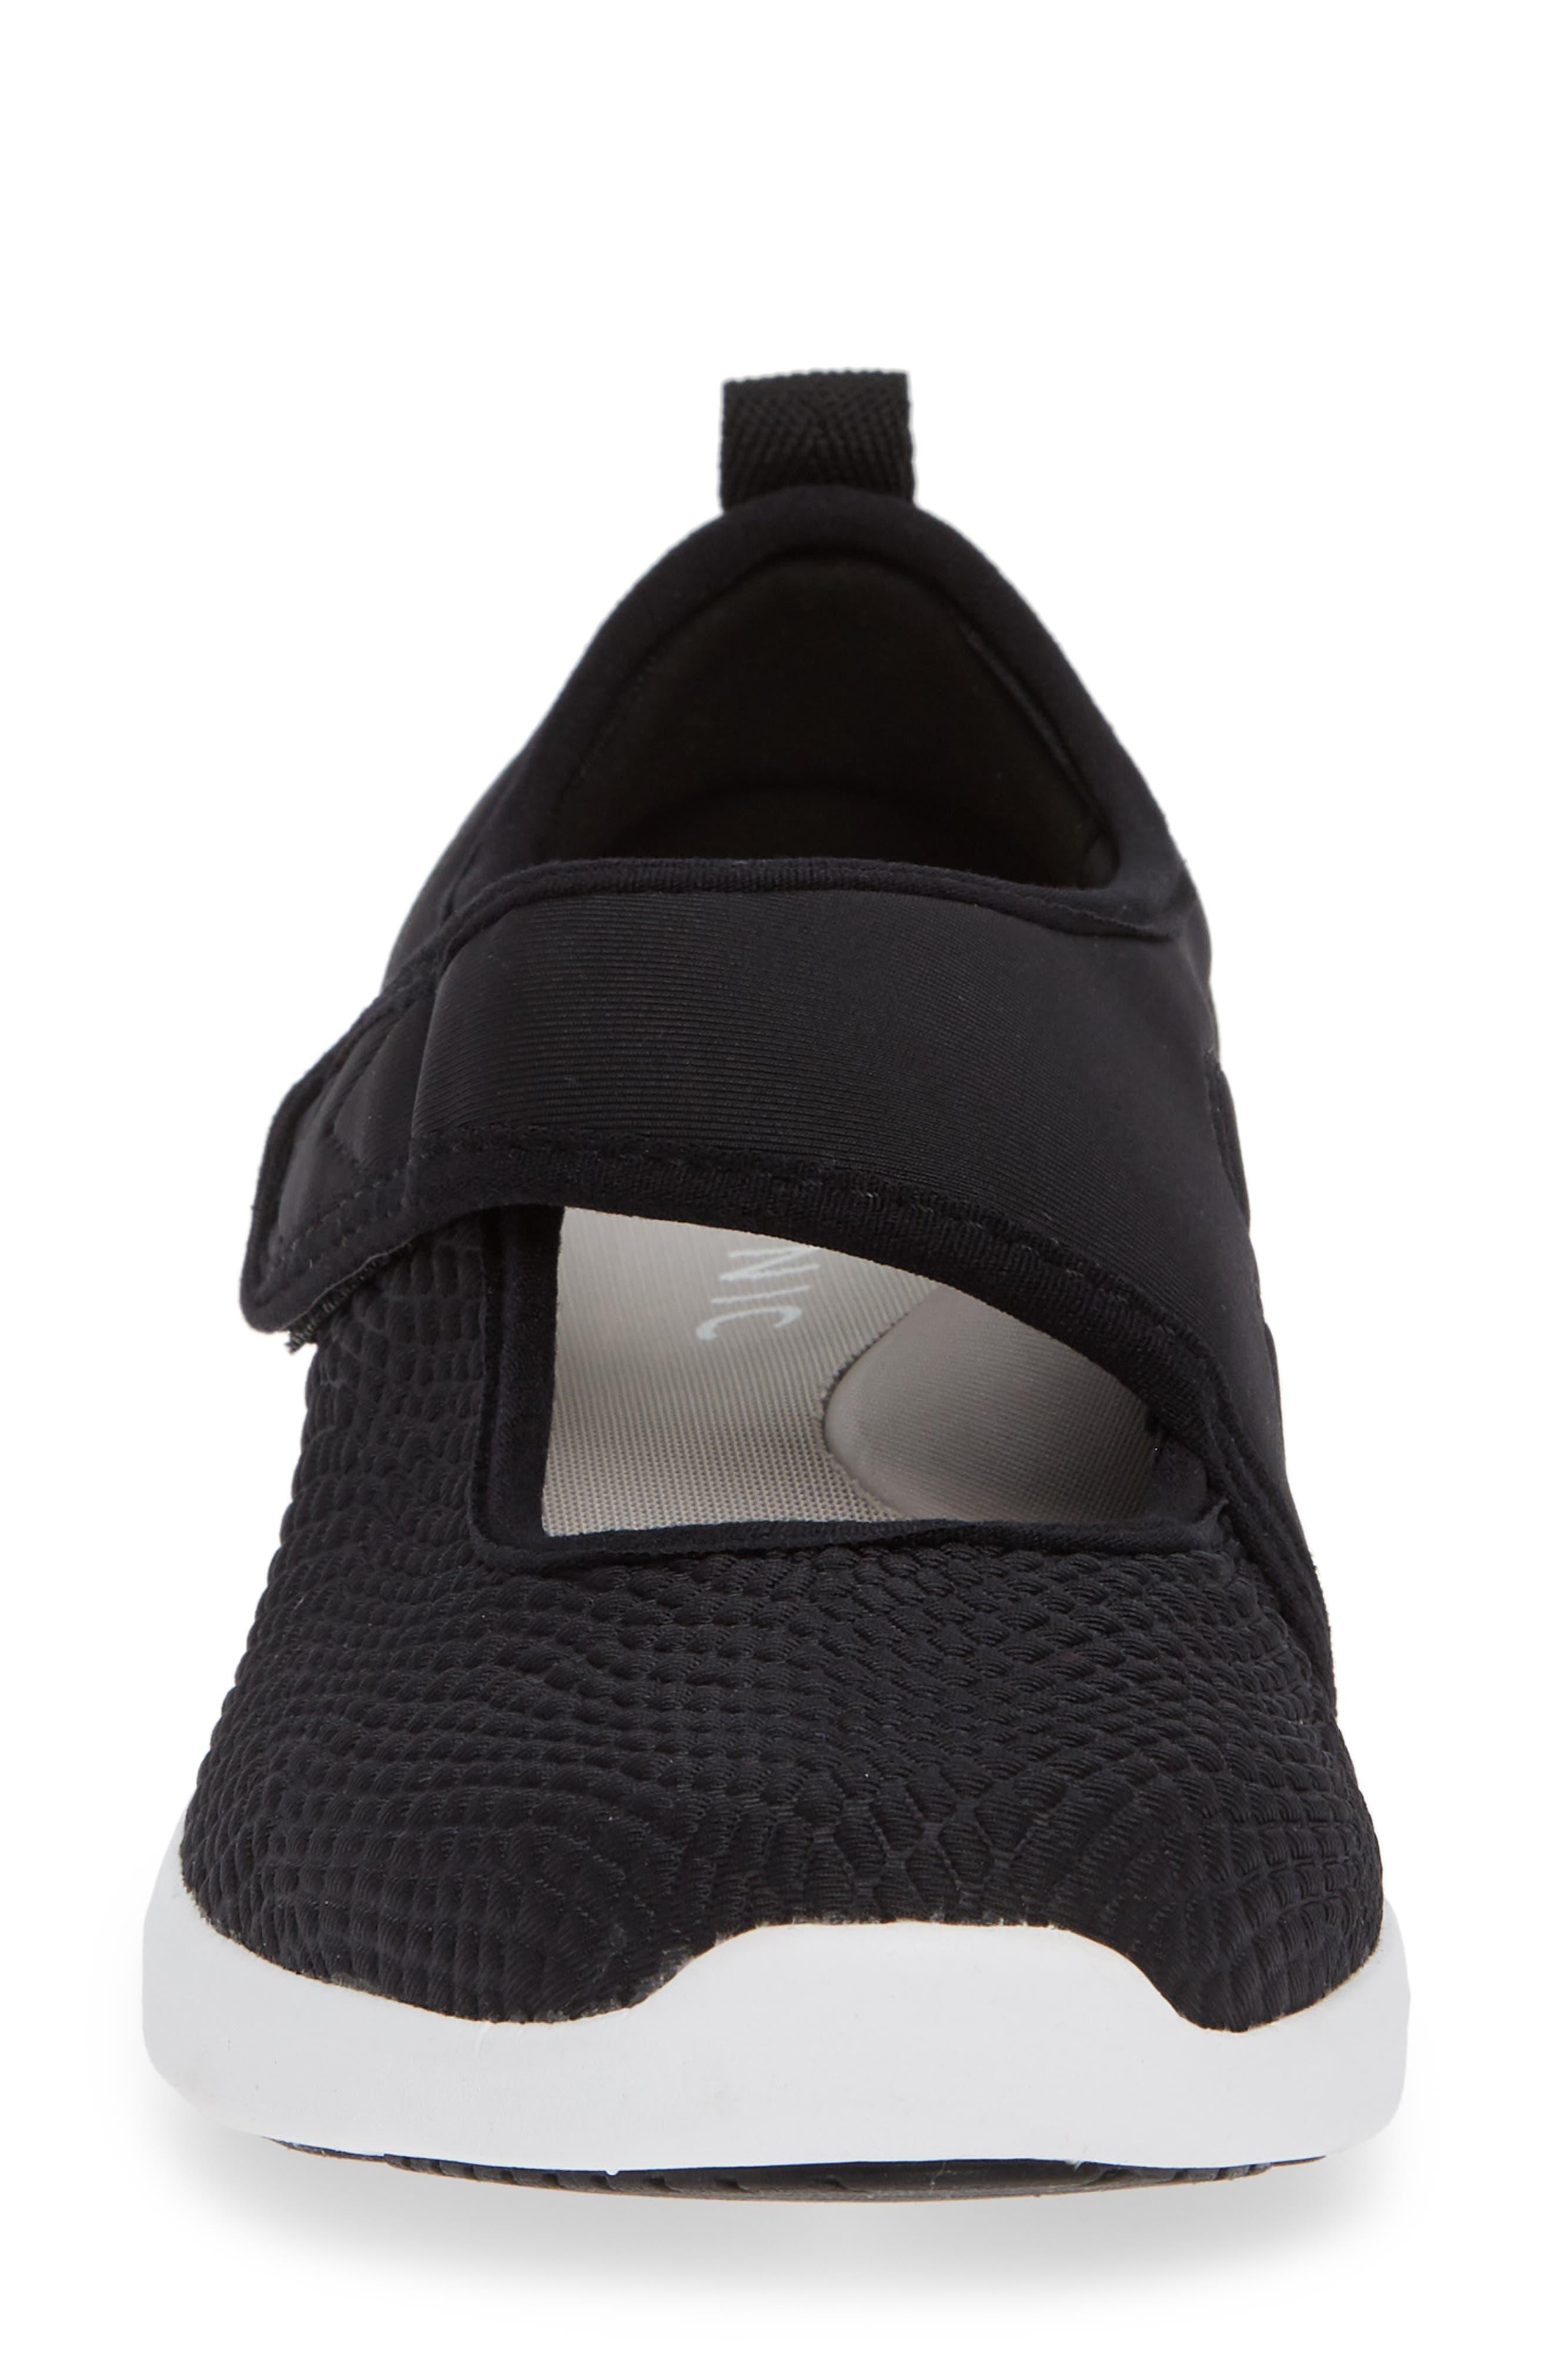 Sonnet Sneaker,                             Alternate thumbnail 4, color,                             BLACK FABRIC